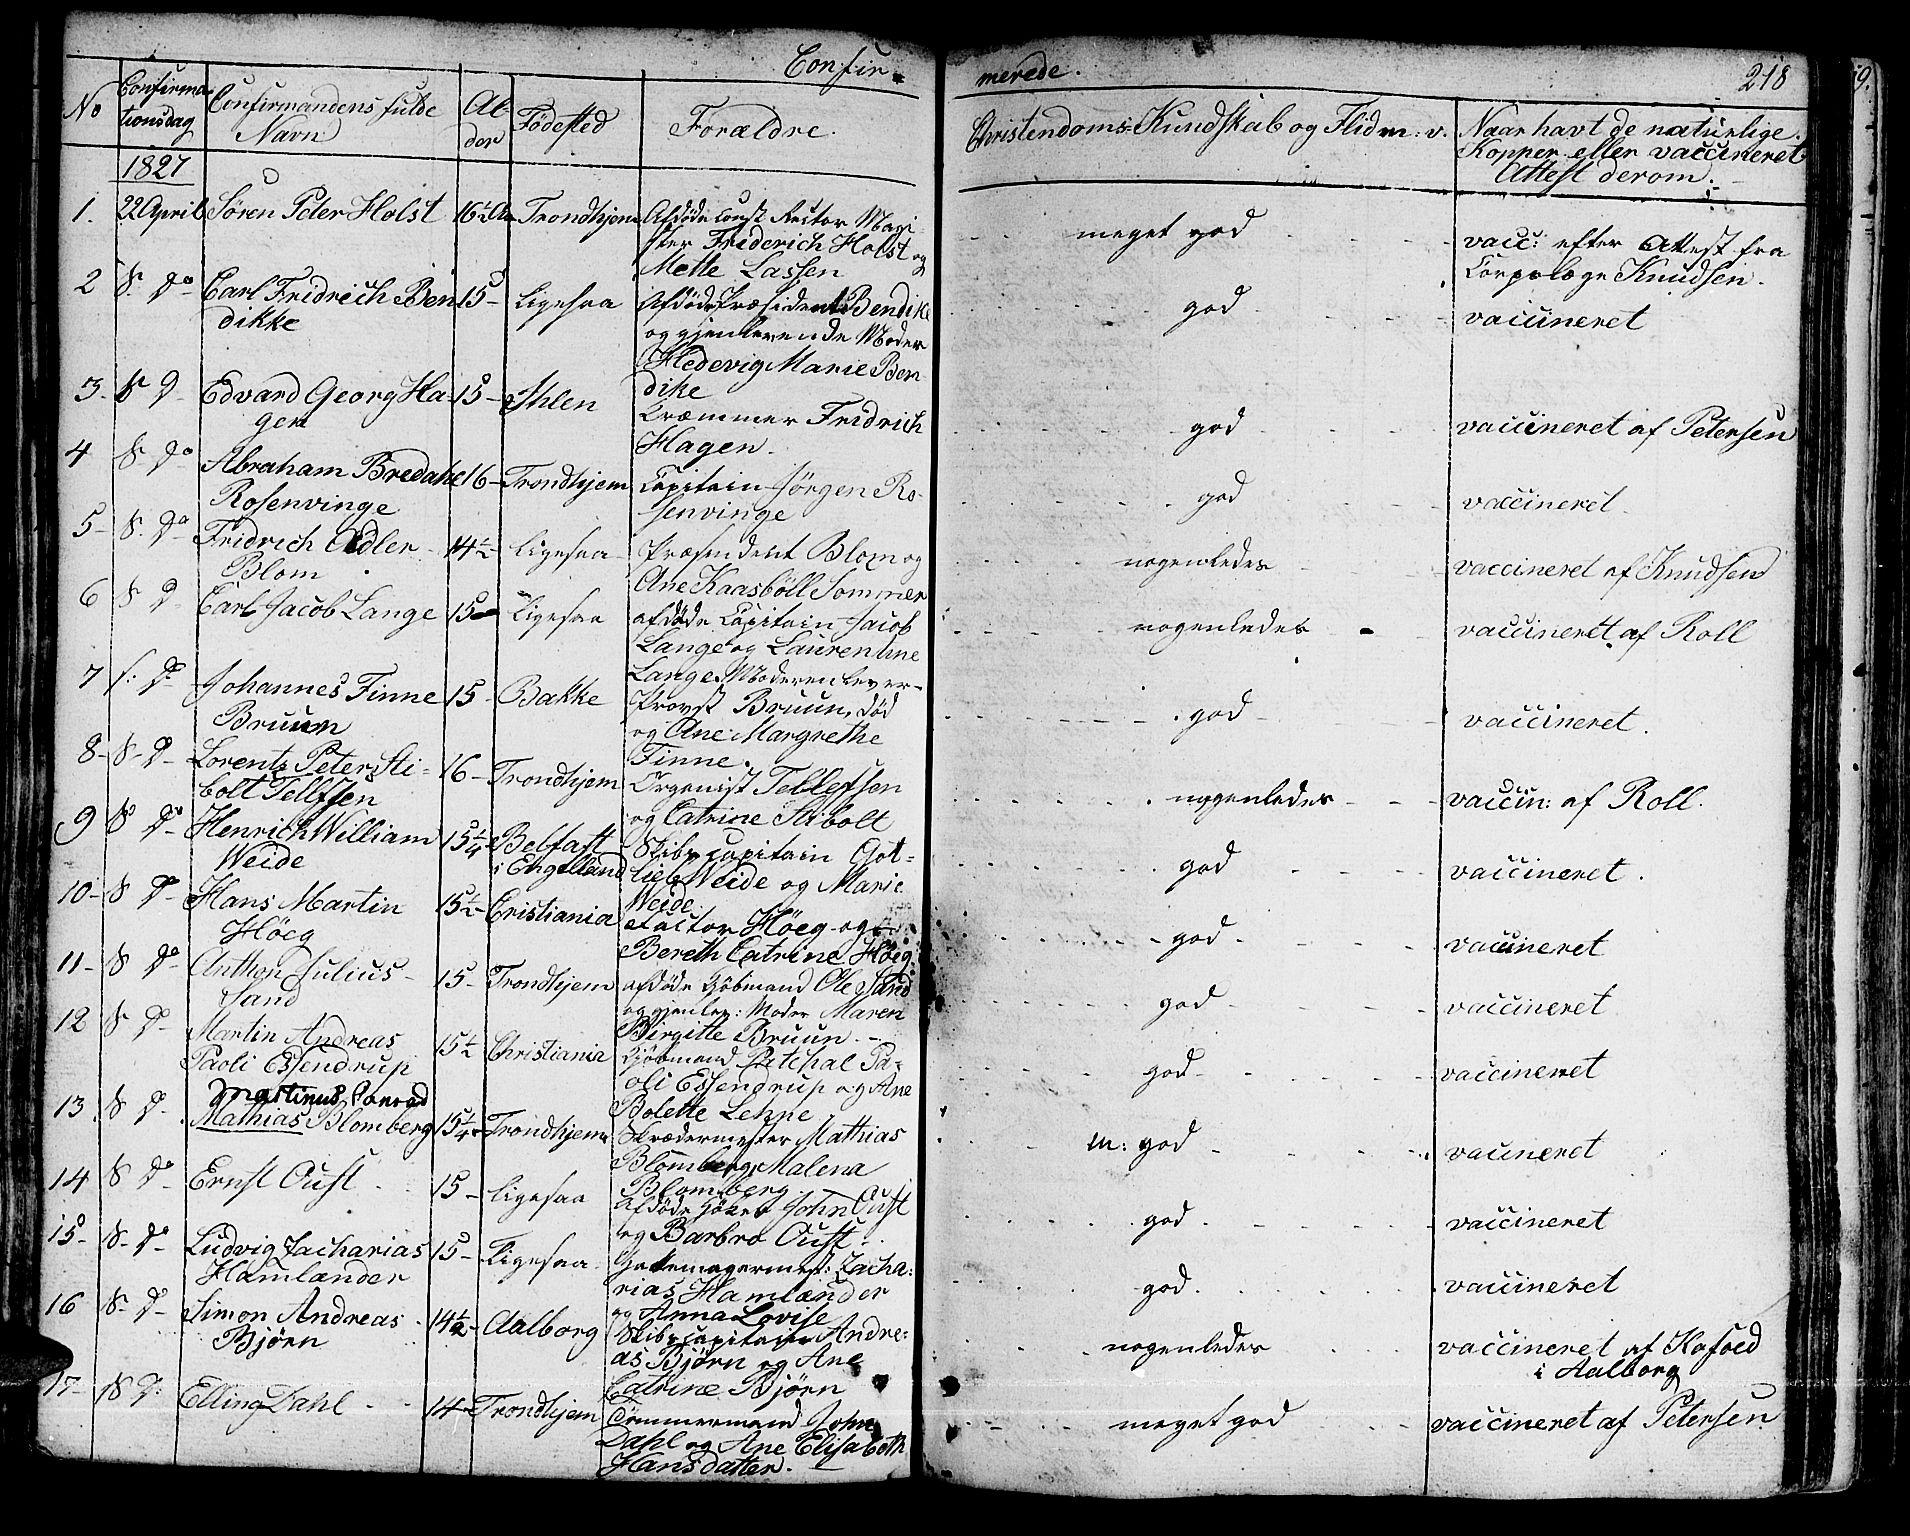 SAT, Ministerialprotokoller, klokkerbøker og fødselsregistre - Sør-Trøndelag, 601/L0045: Ministerialbok nr. 601A13, 1821-1831, s. 218